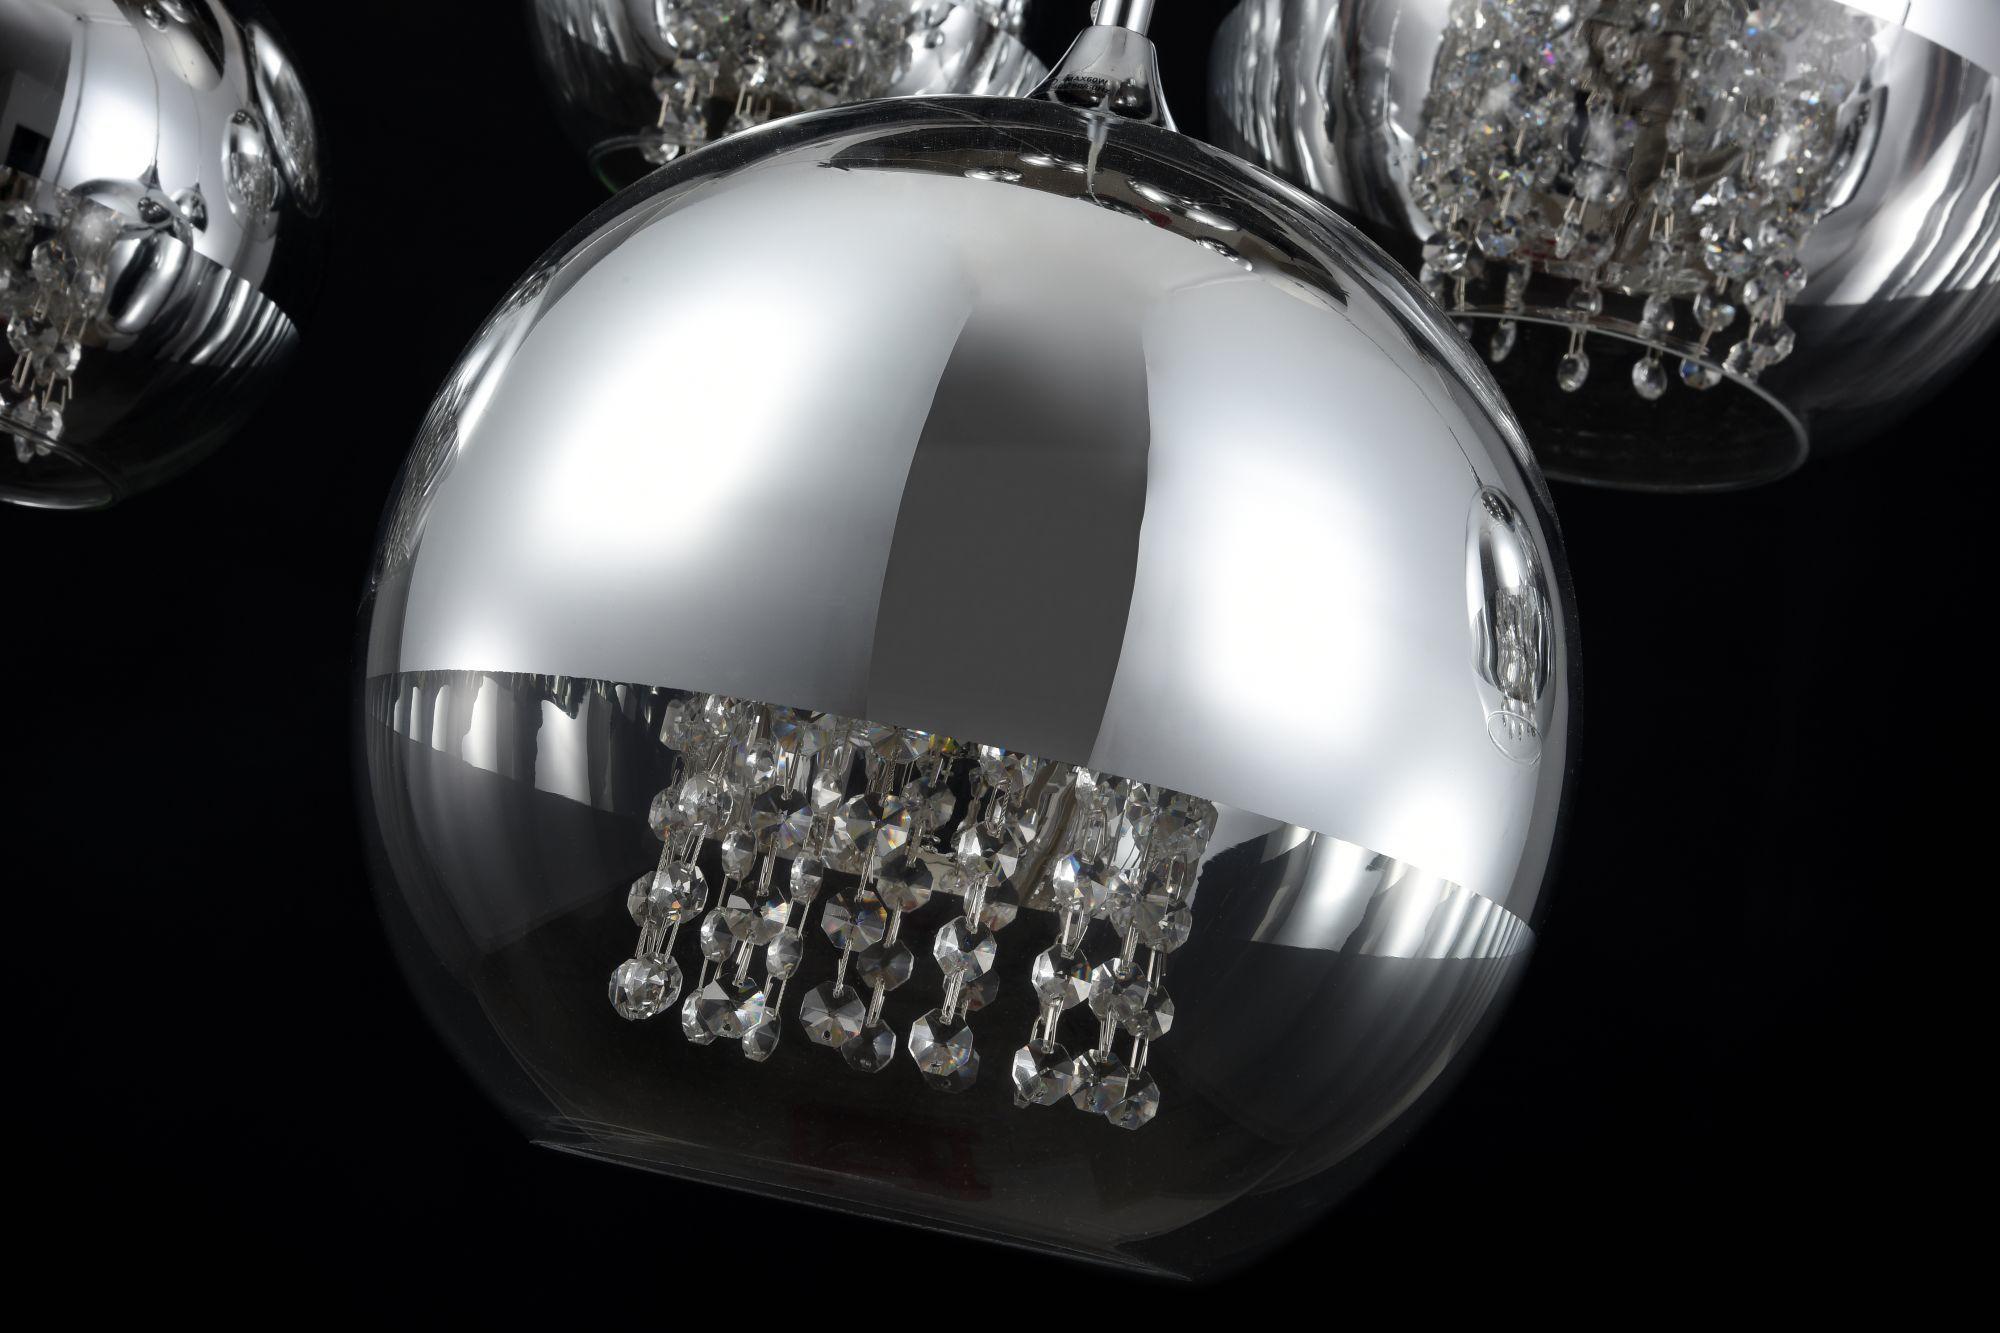 Люстра-каскад Maytoni Modern Fermi P140-PL-170-5-N (F140-05-N), 5xE27x60W, никель, хром, прозрачный, металл, стекло - фото 7